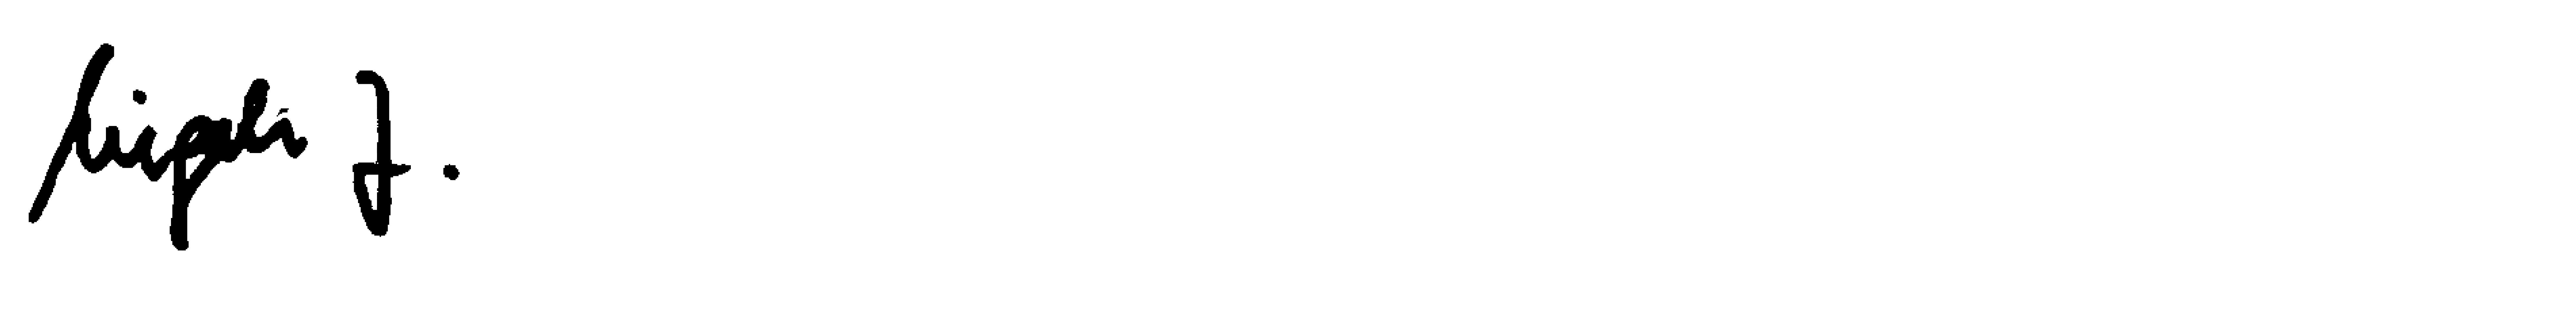 Signatur_1920x250